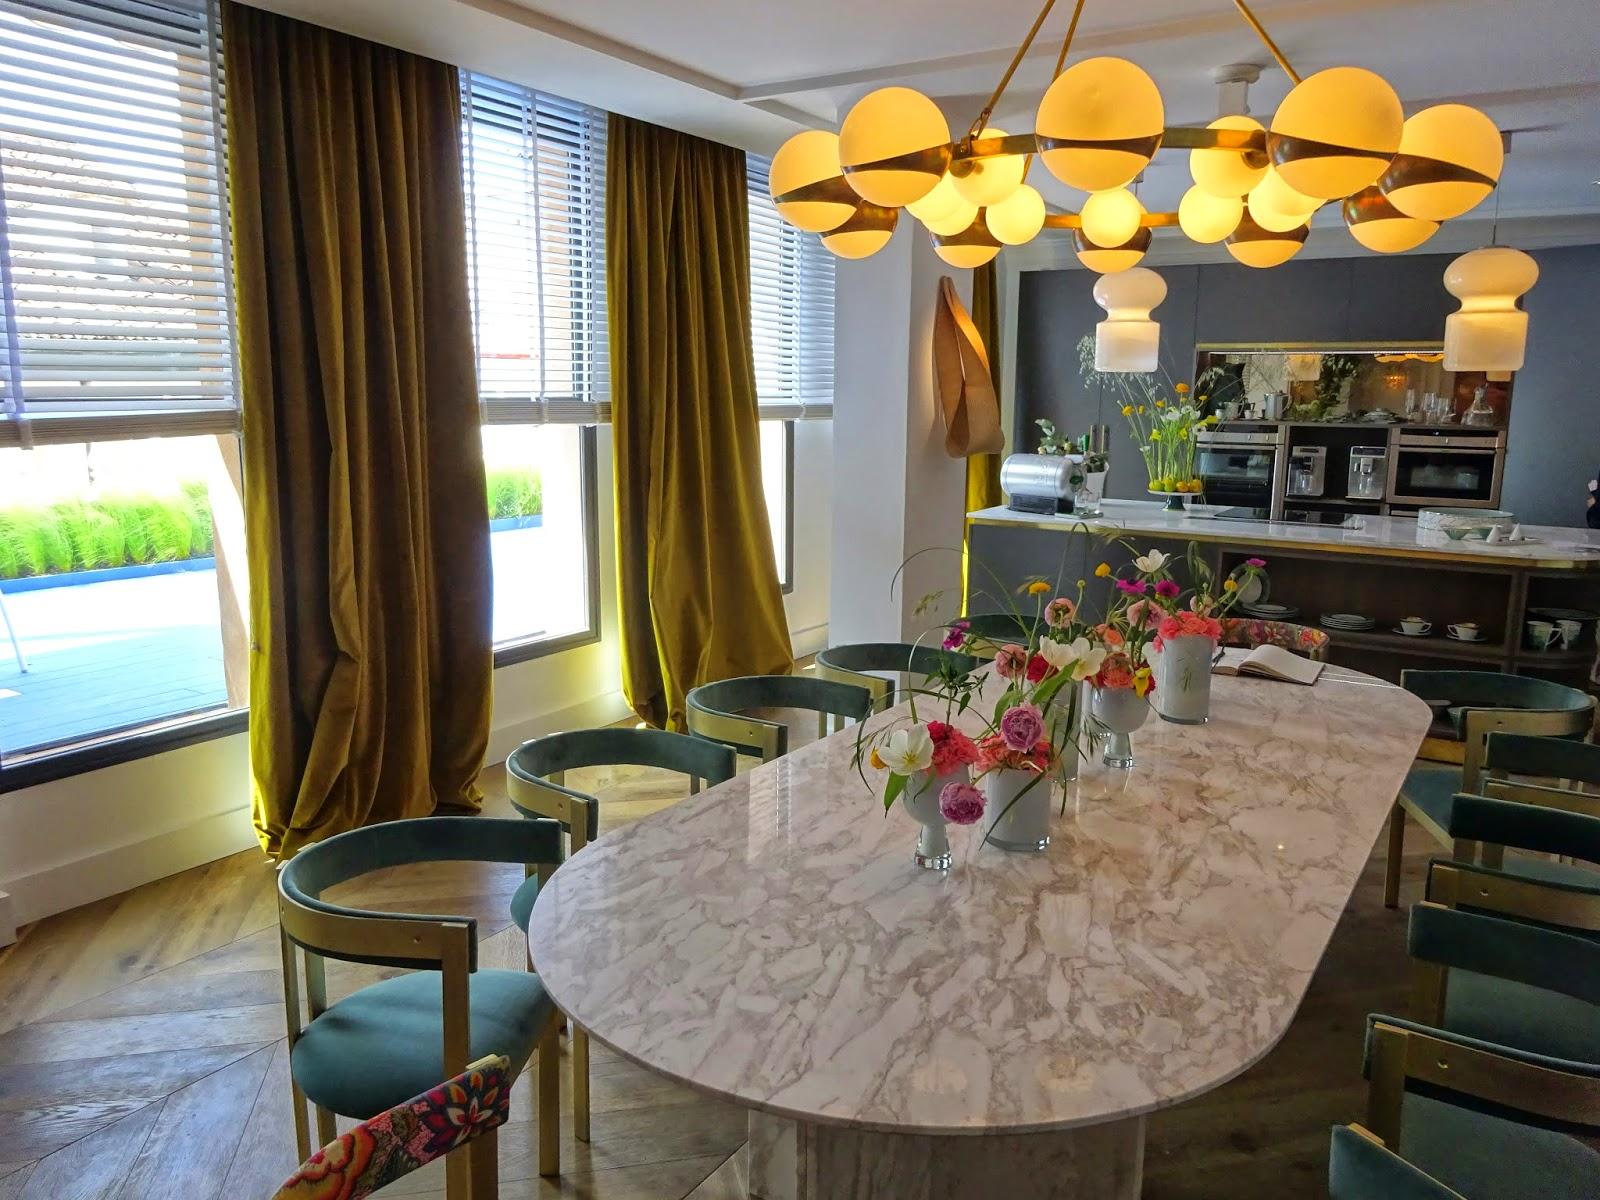 CASADECOR 2015 Madrid casa decor decoración interiorismo arquitectura calle palma malasaña 50 edición interior design estamostendenciados tendencia muebles diseño de interiores